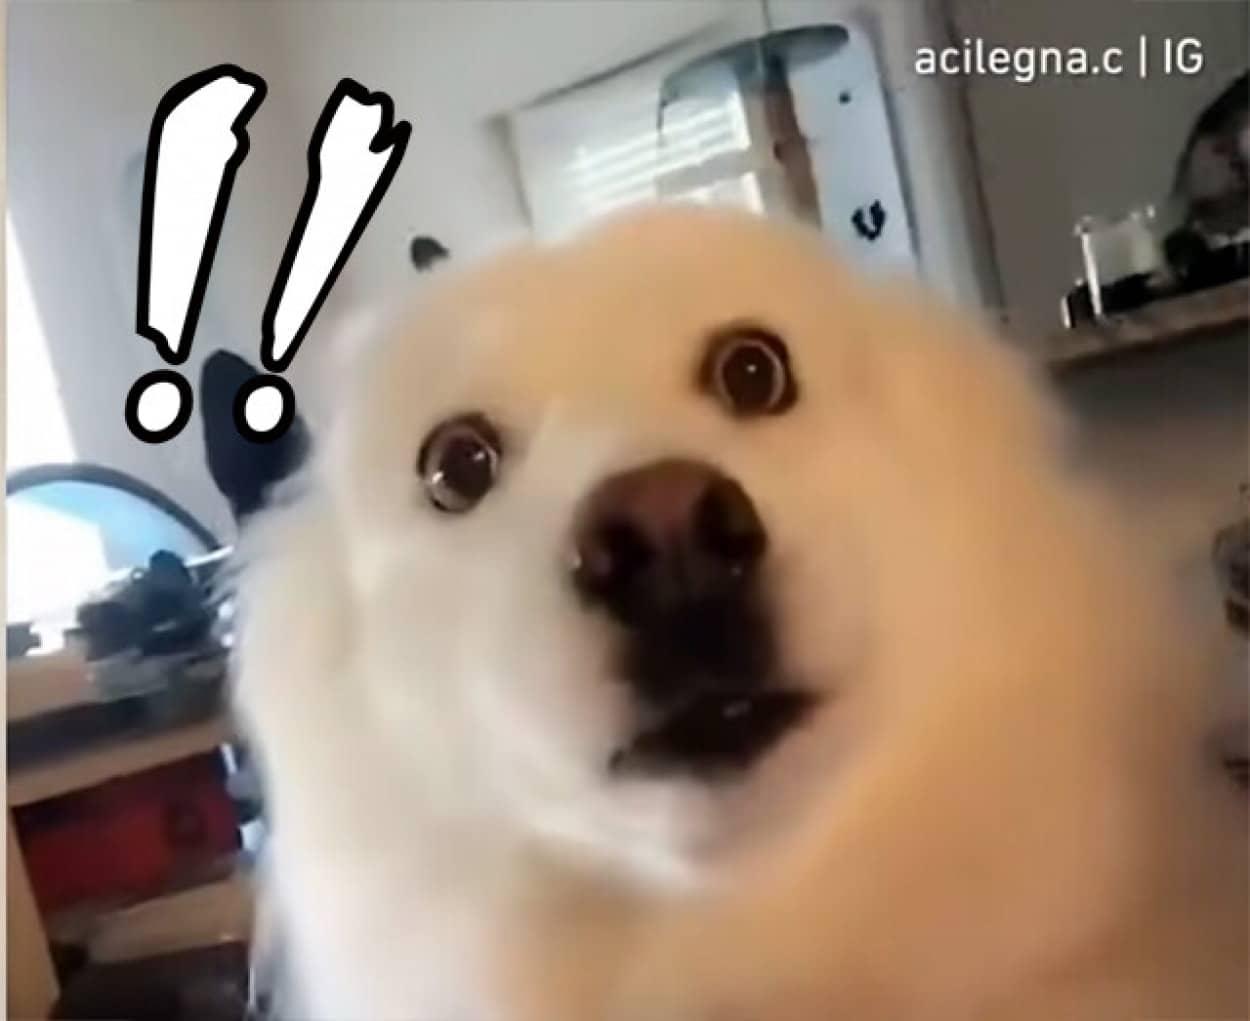 飼い主に別の犬の匂いがついていたときの犬の反応が面白い